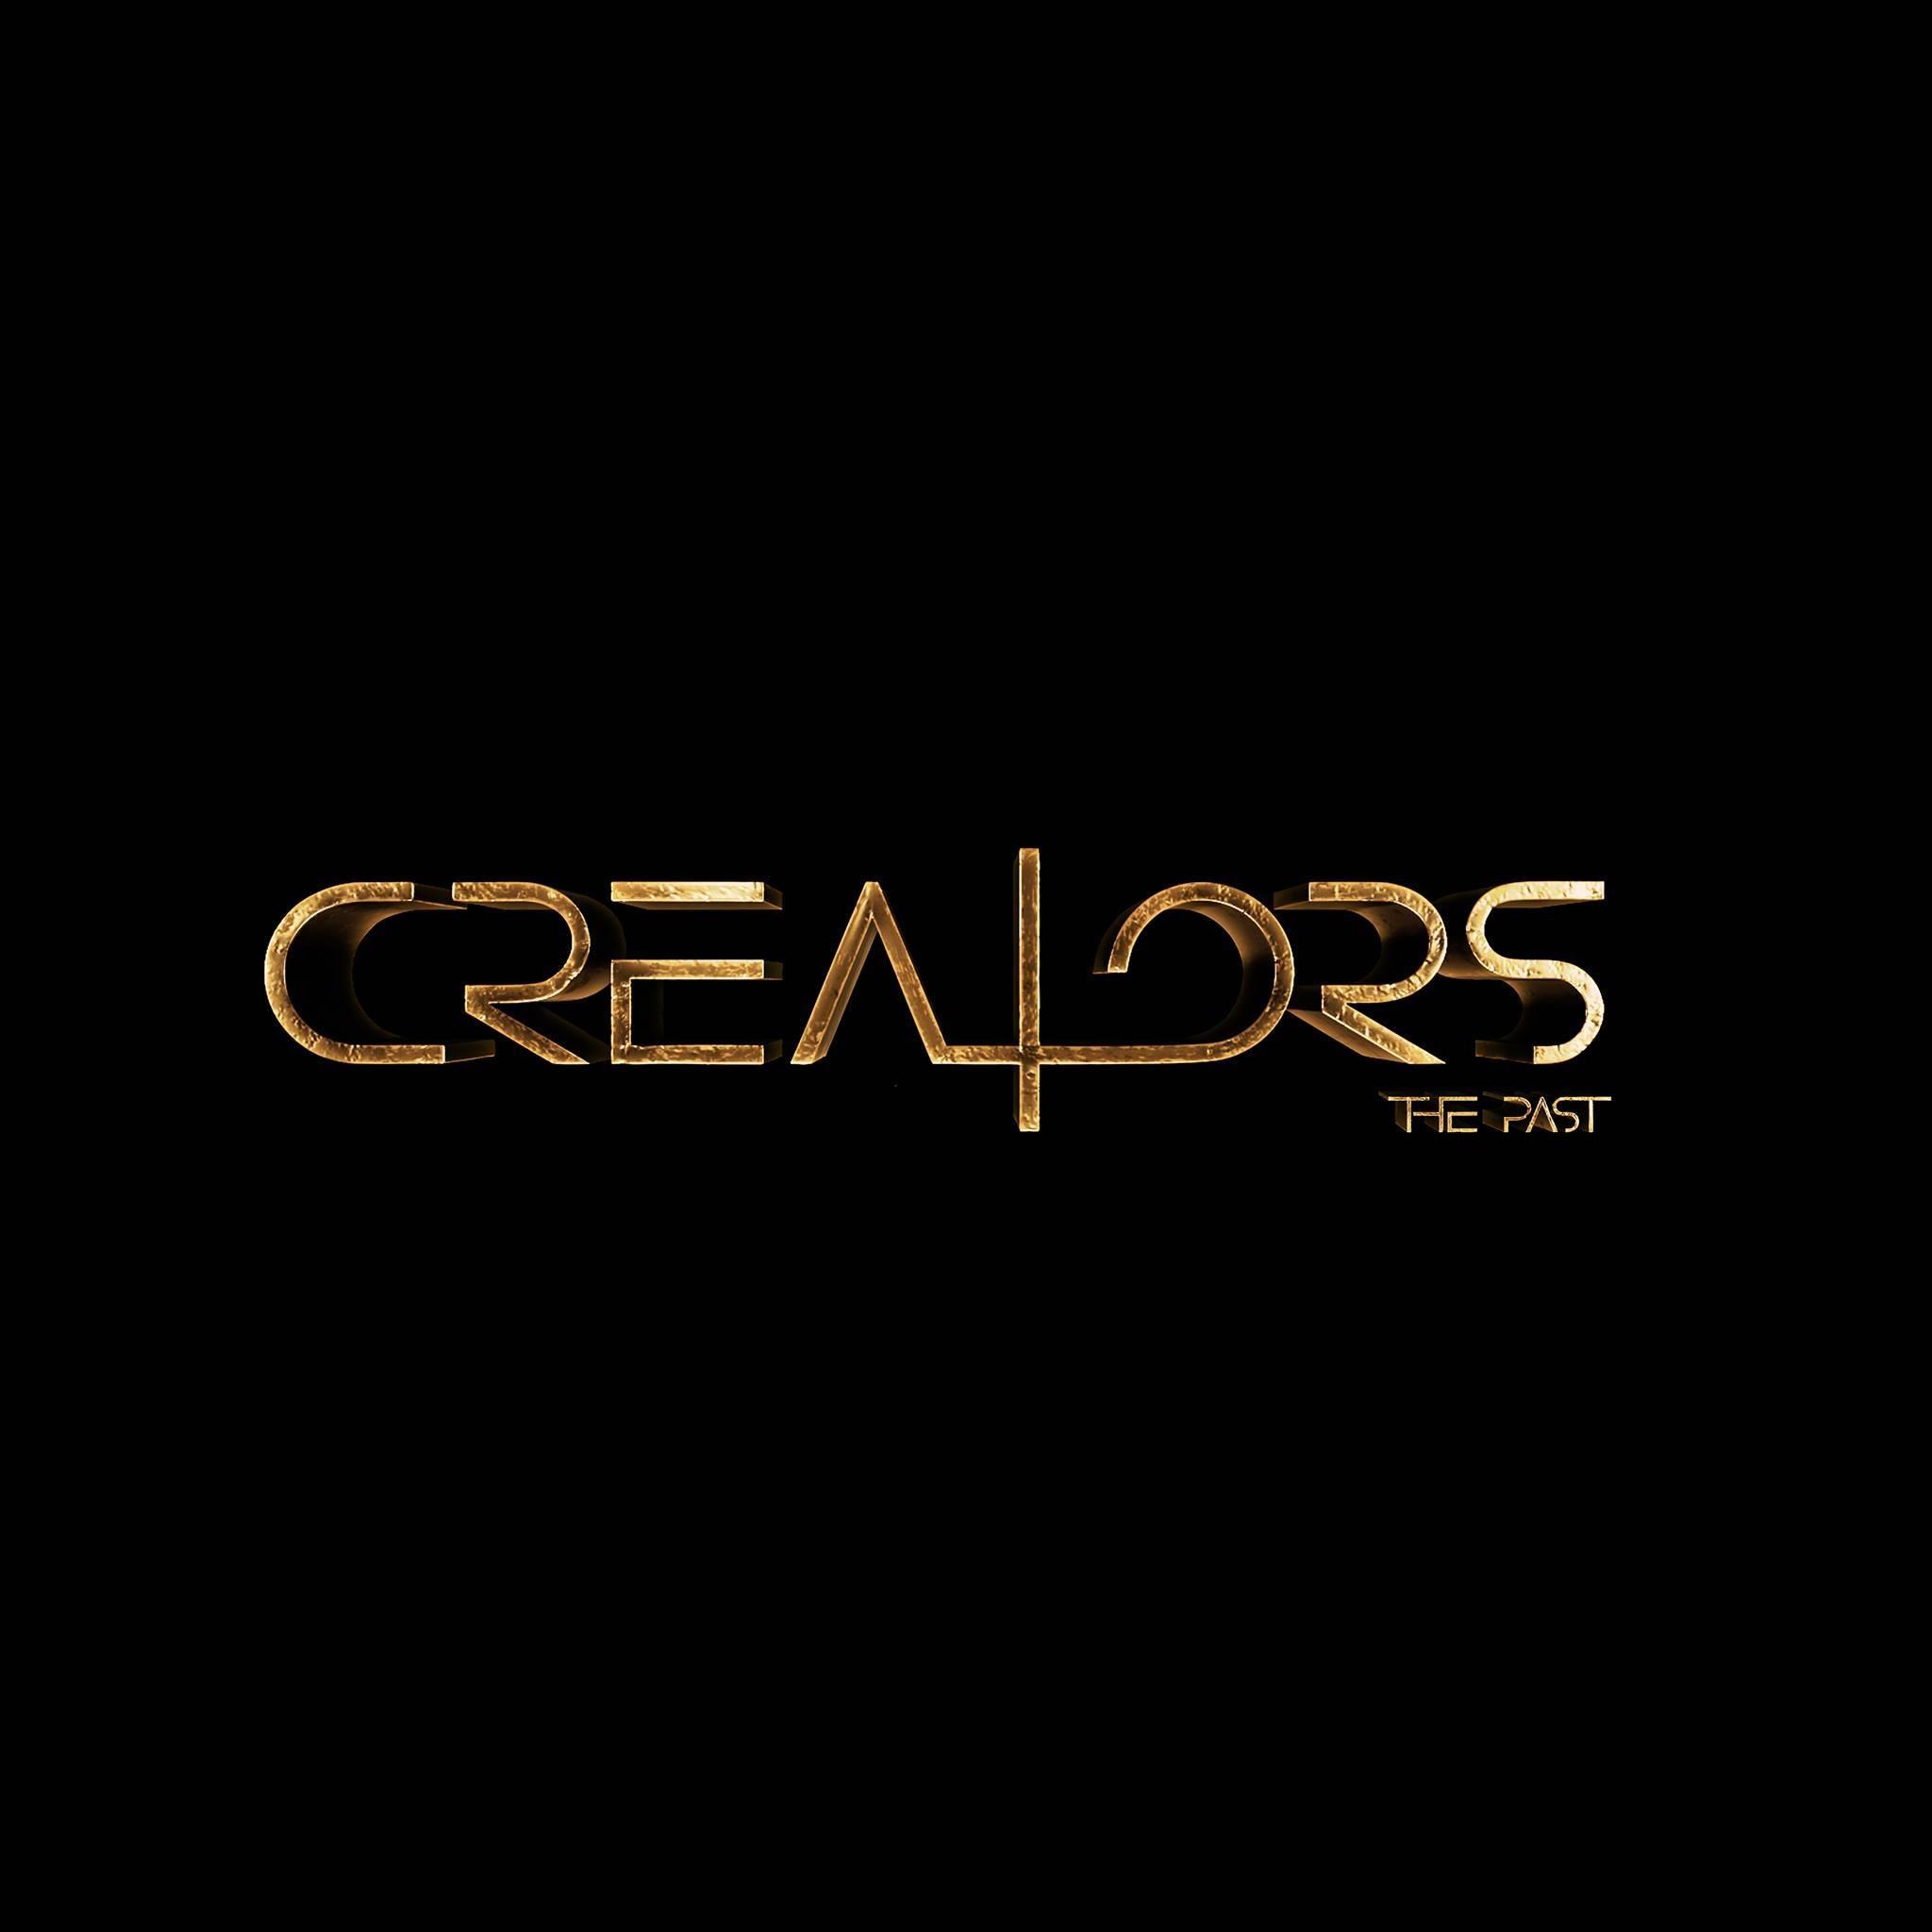 """Cinema. """"Creators the past"""""""